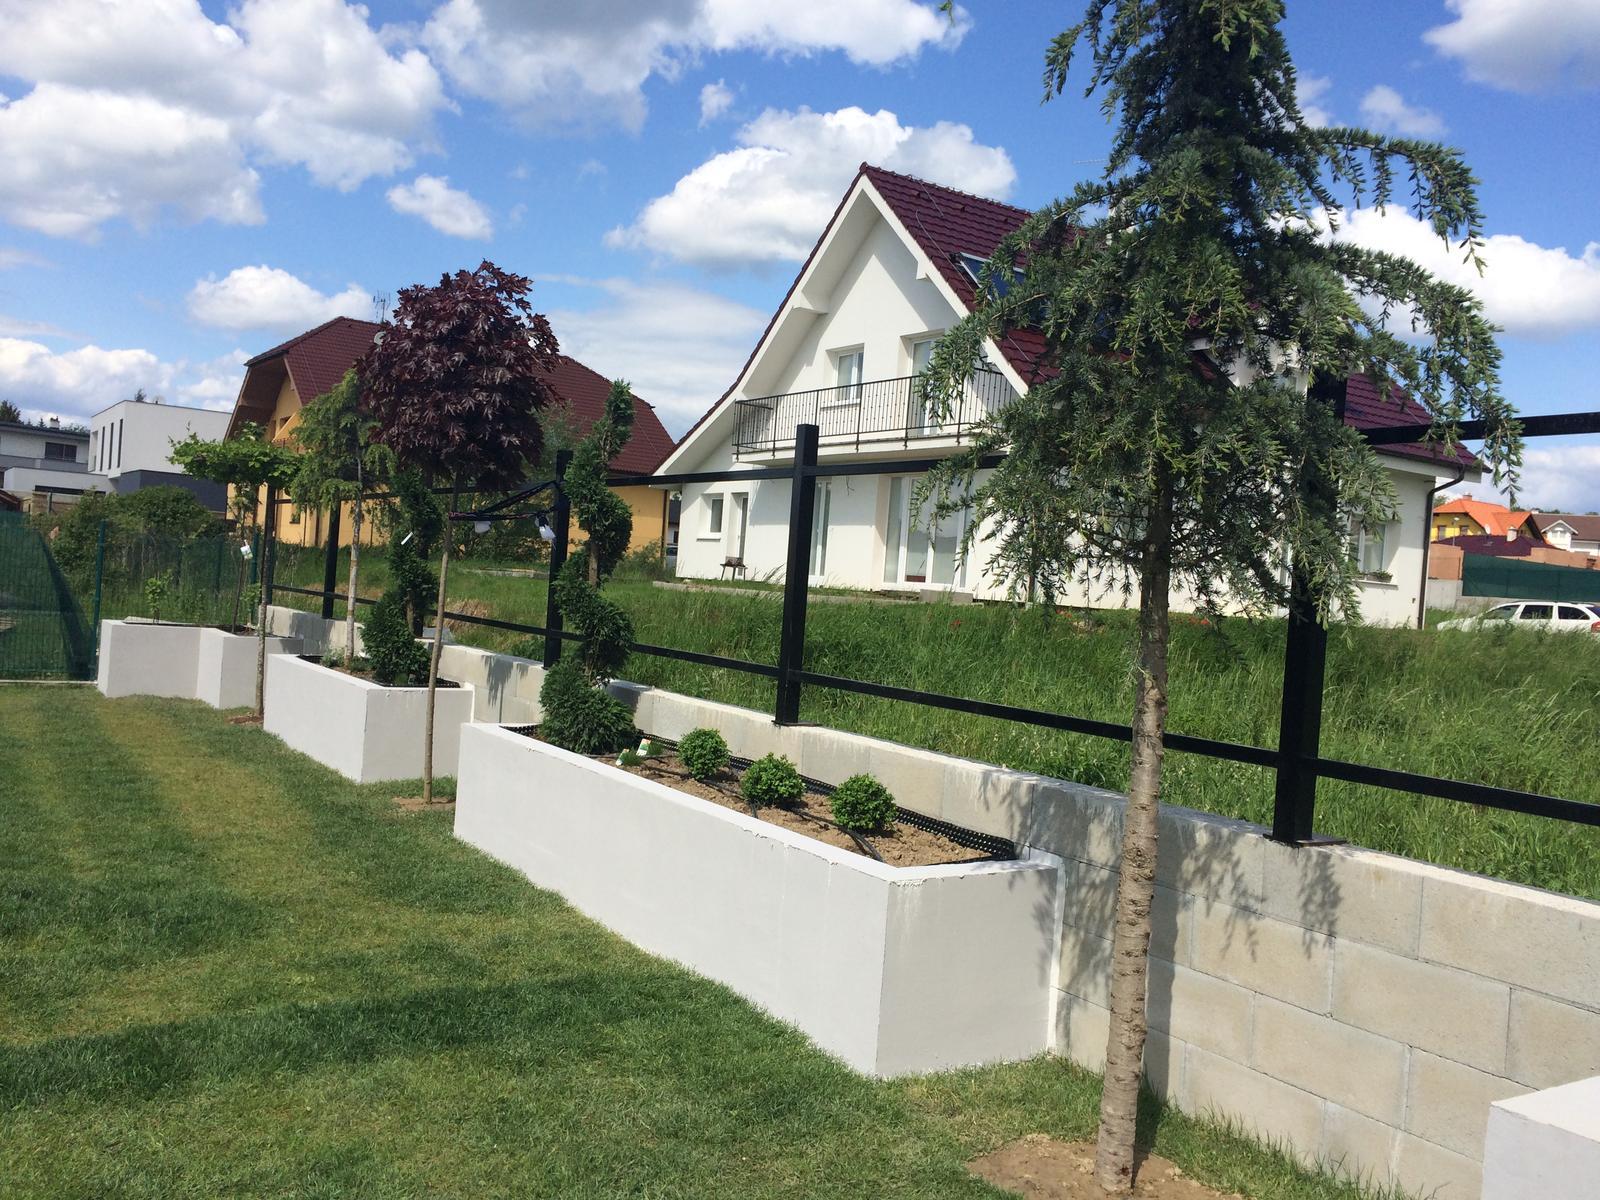 Zahradka - este plot a lavicky a bude to.